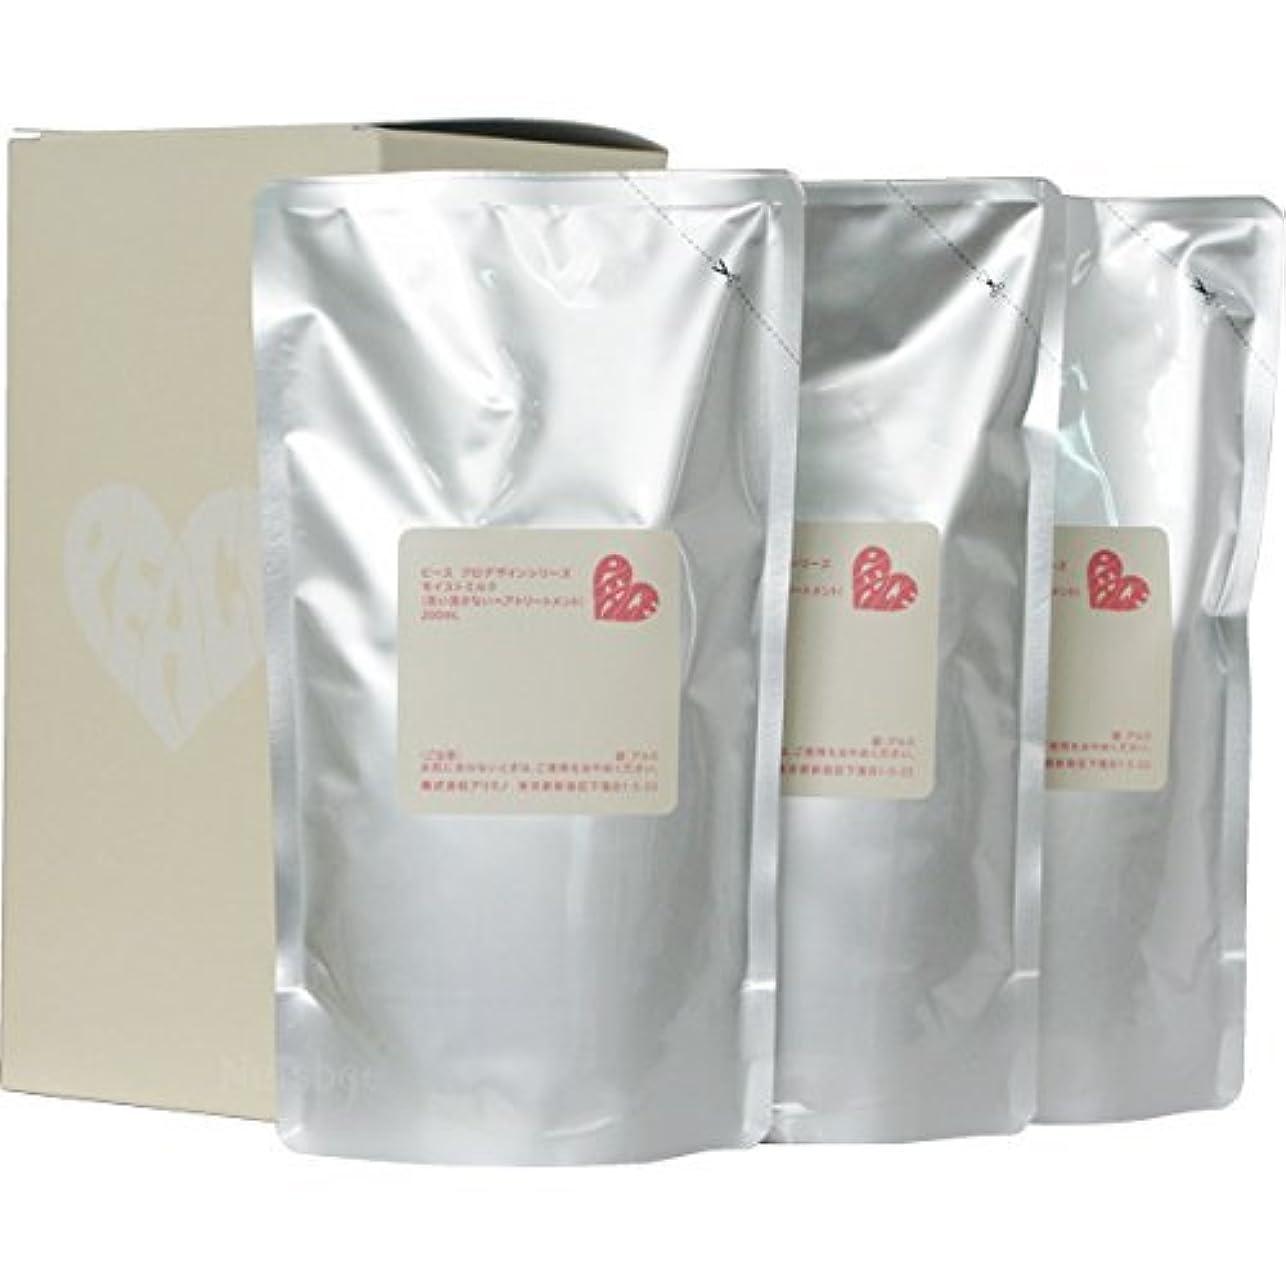 シルエット家庭裁判官ピース プロデザインシリーズ モイストミルク バニラ リフィル 200ml×3